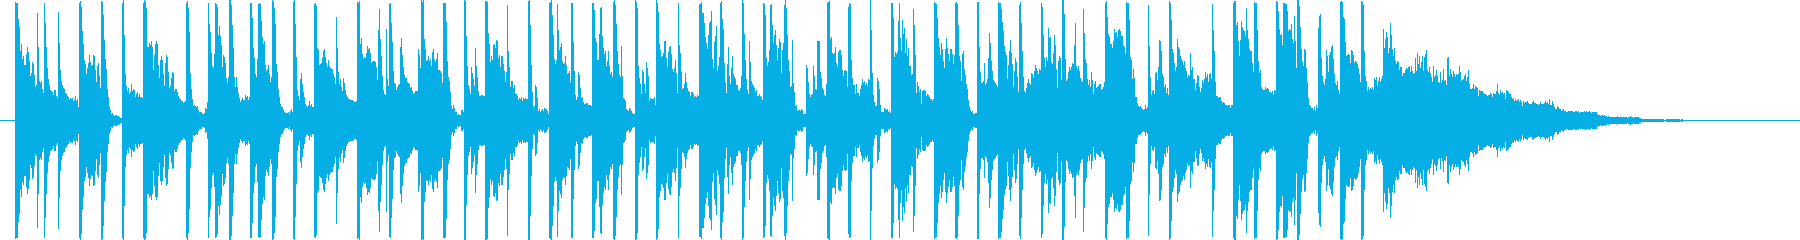 電気楽器。ロボットと機械の短い合図...の再生済みの波形